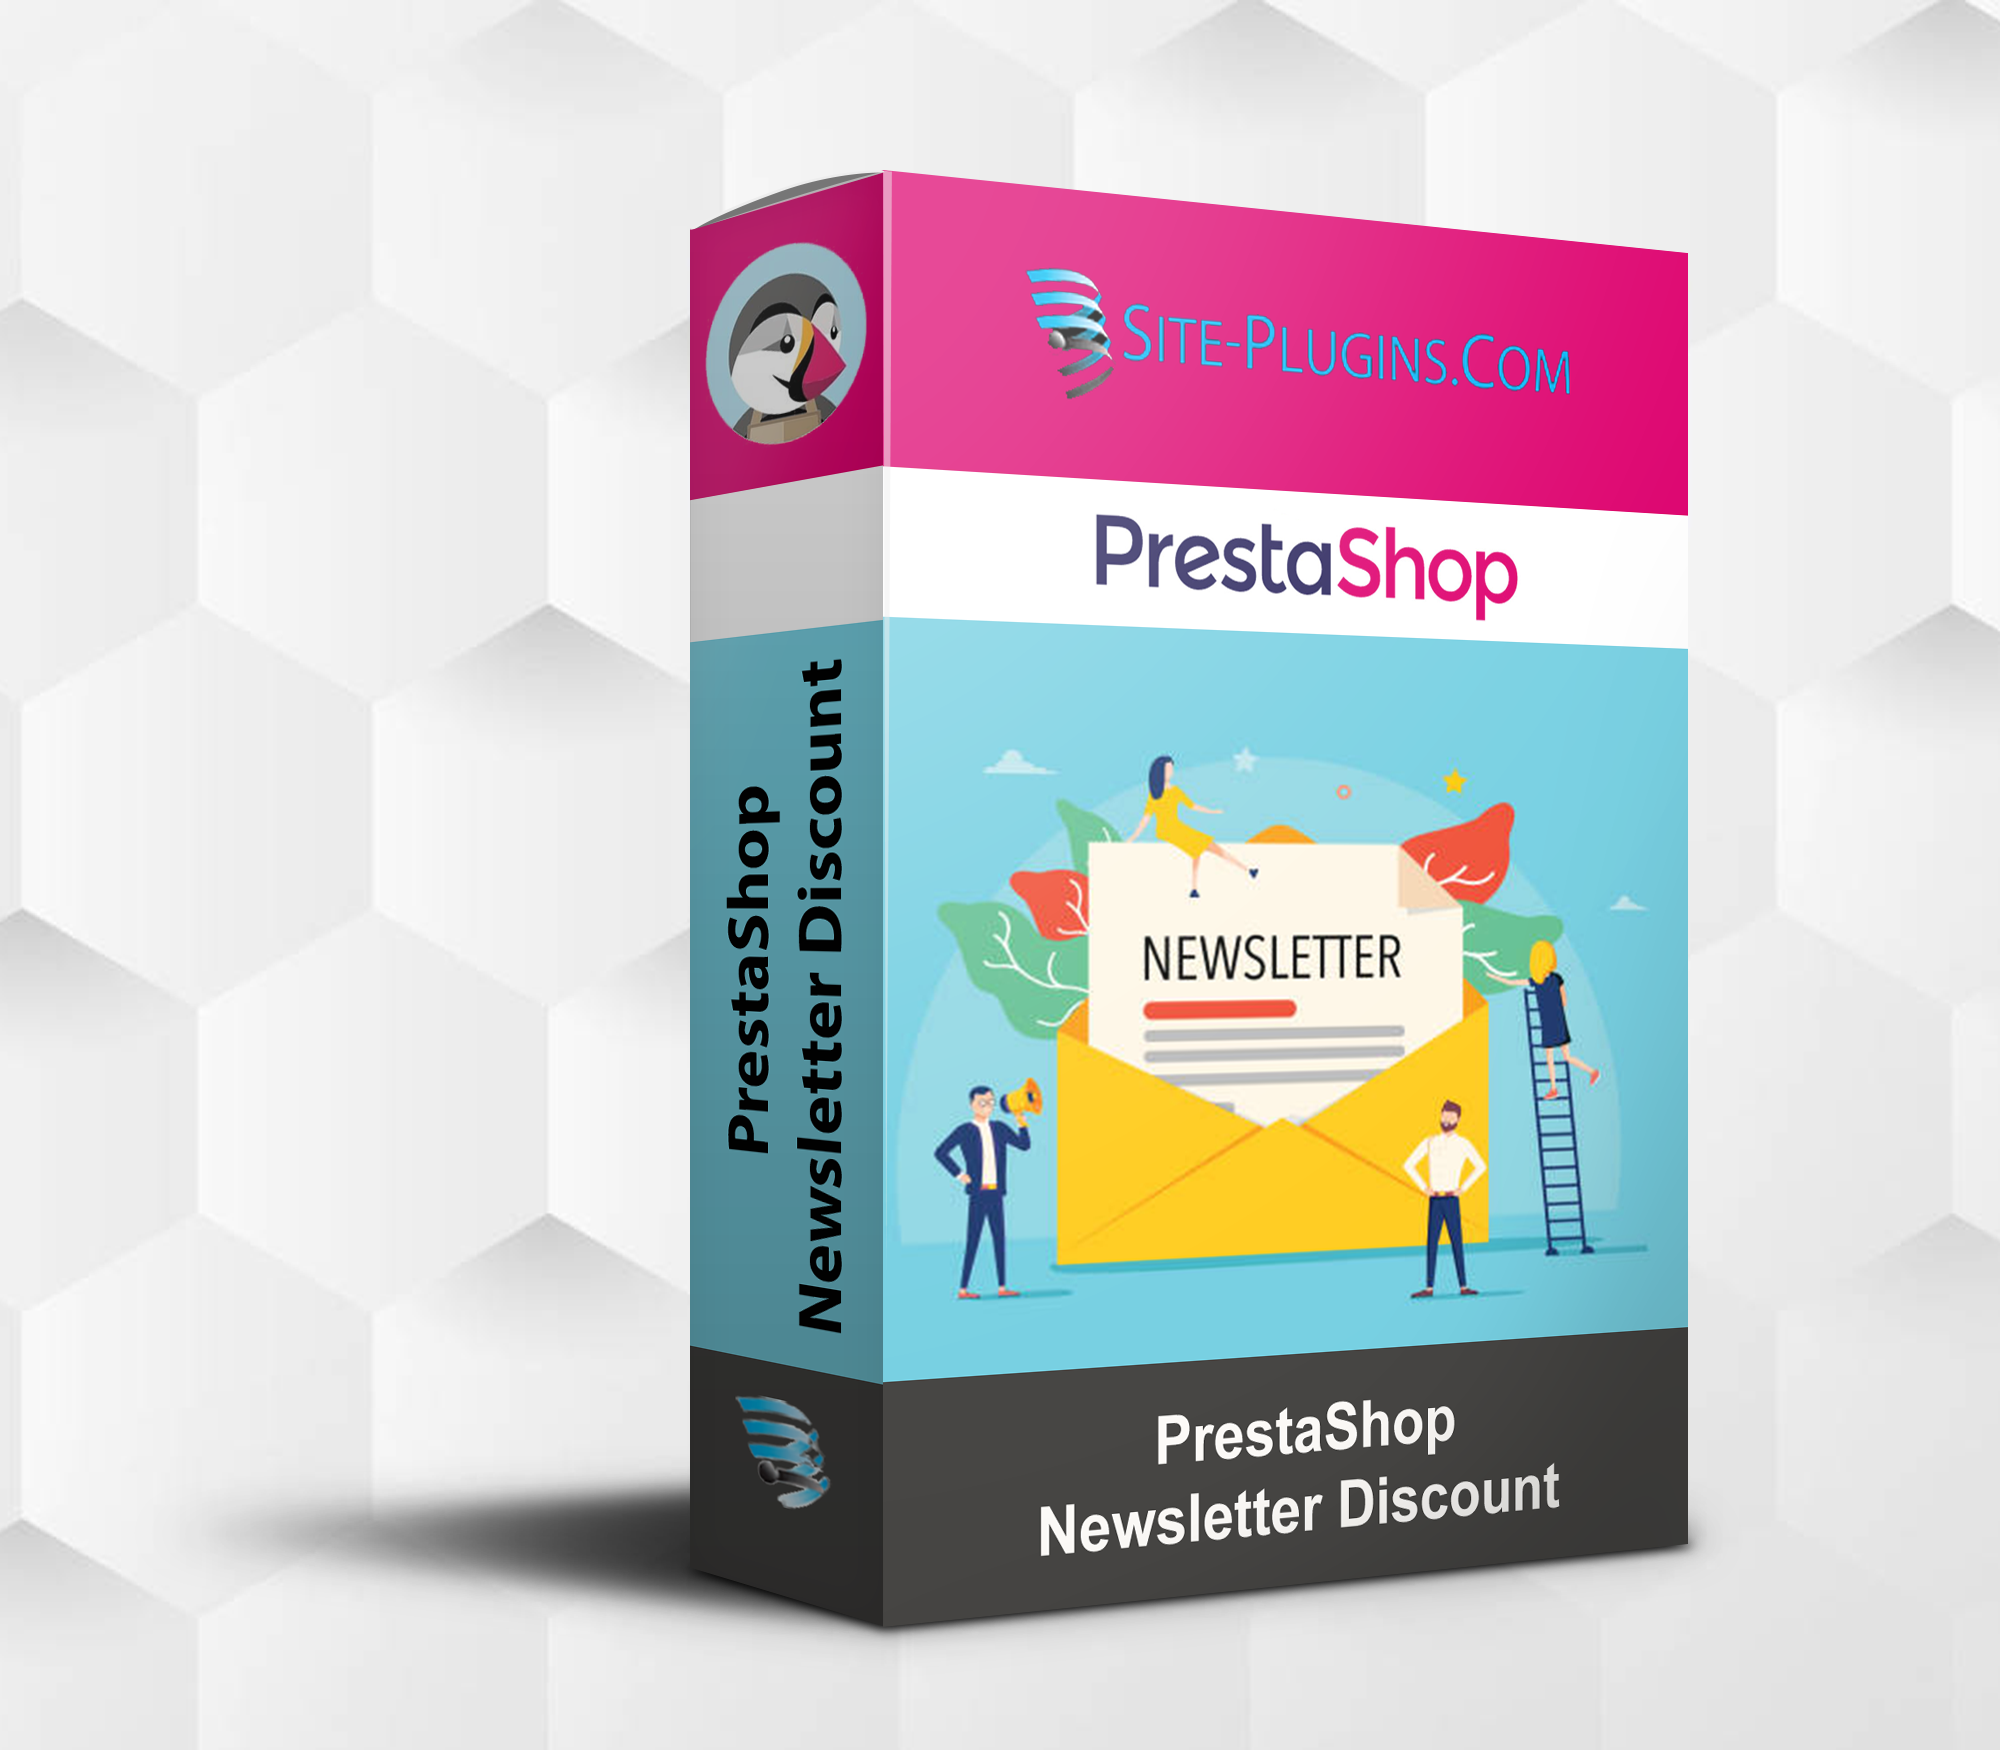 PrestaShop Newsletter Discount